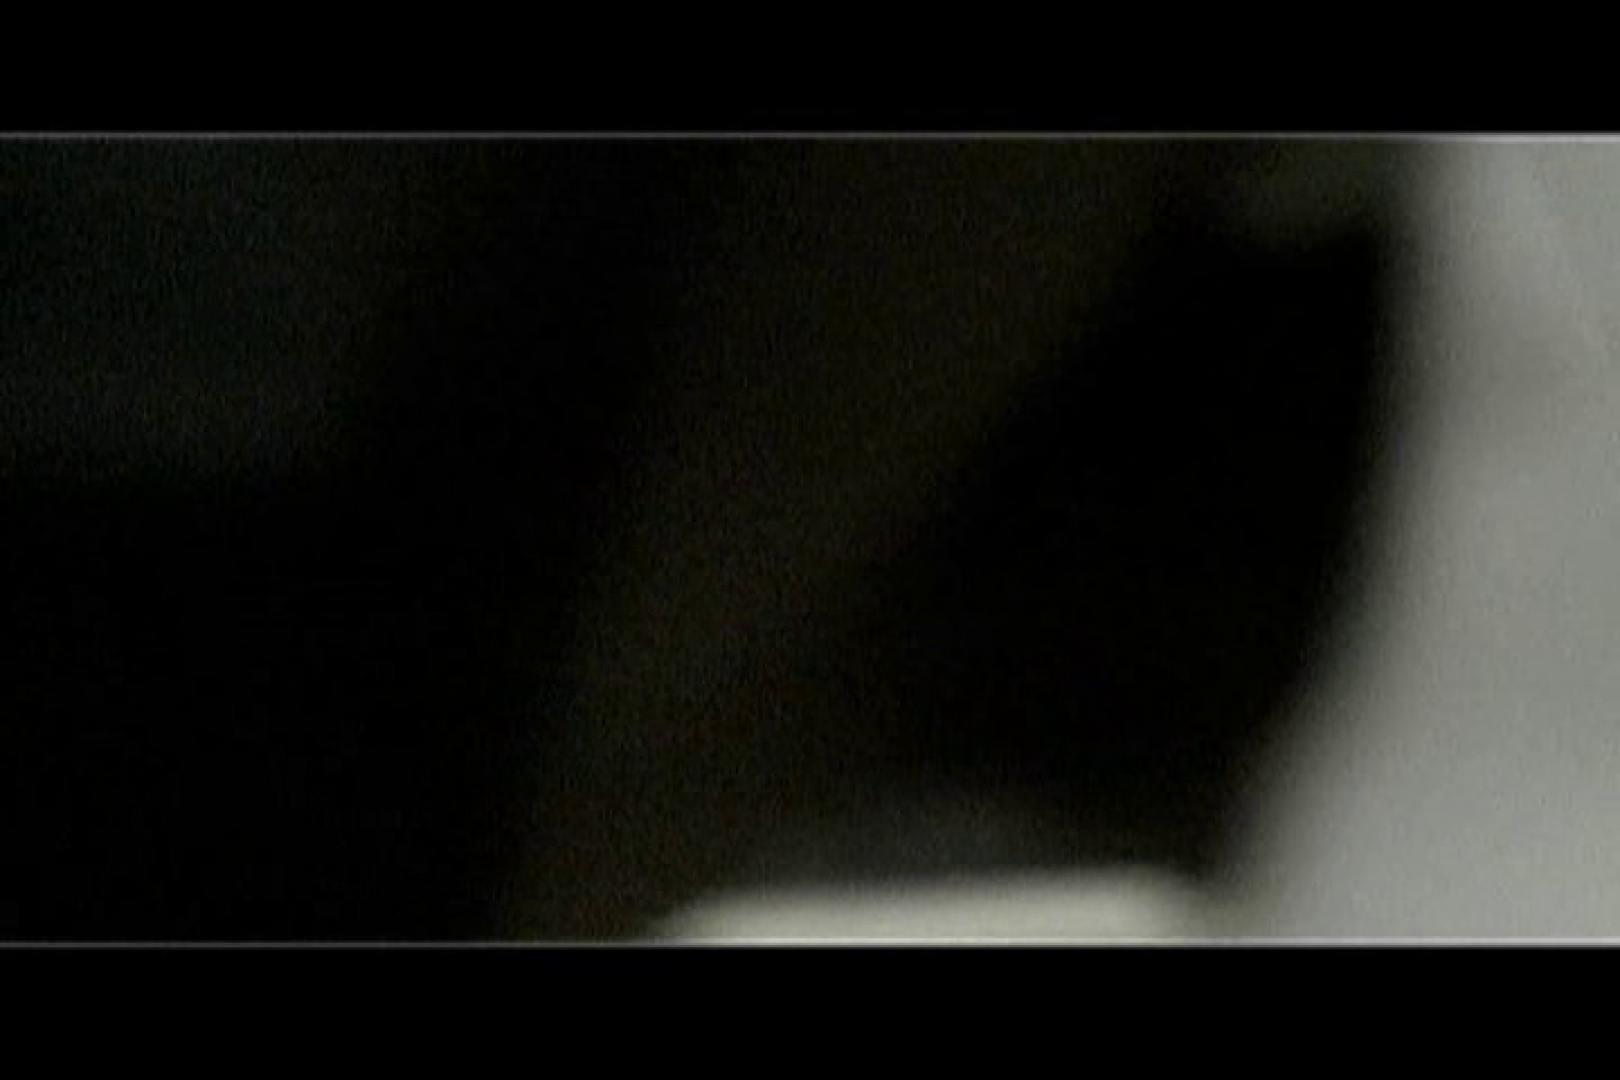 マンコ丸見え女子洗面所Vol.7 美しいOLの裸体 オメコ無修正動画無料 105pic 26